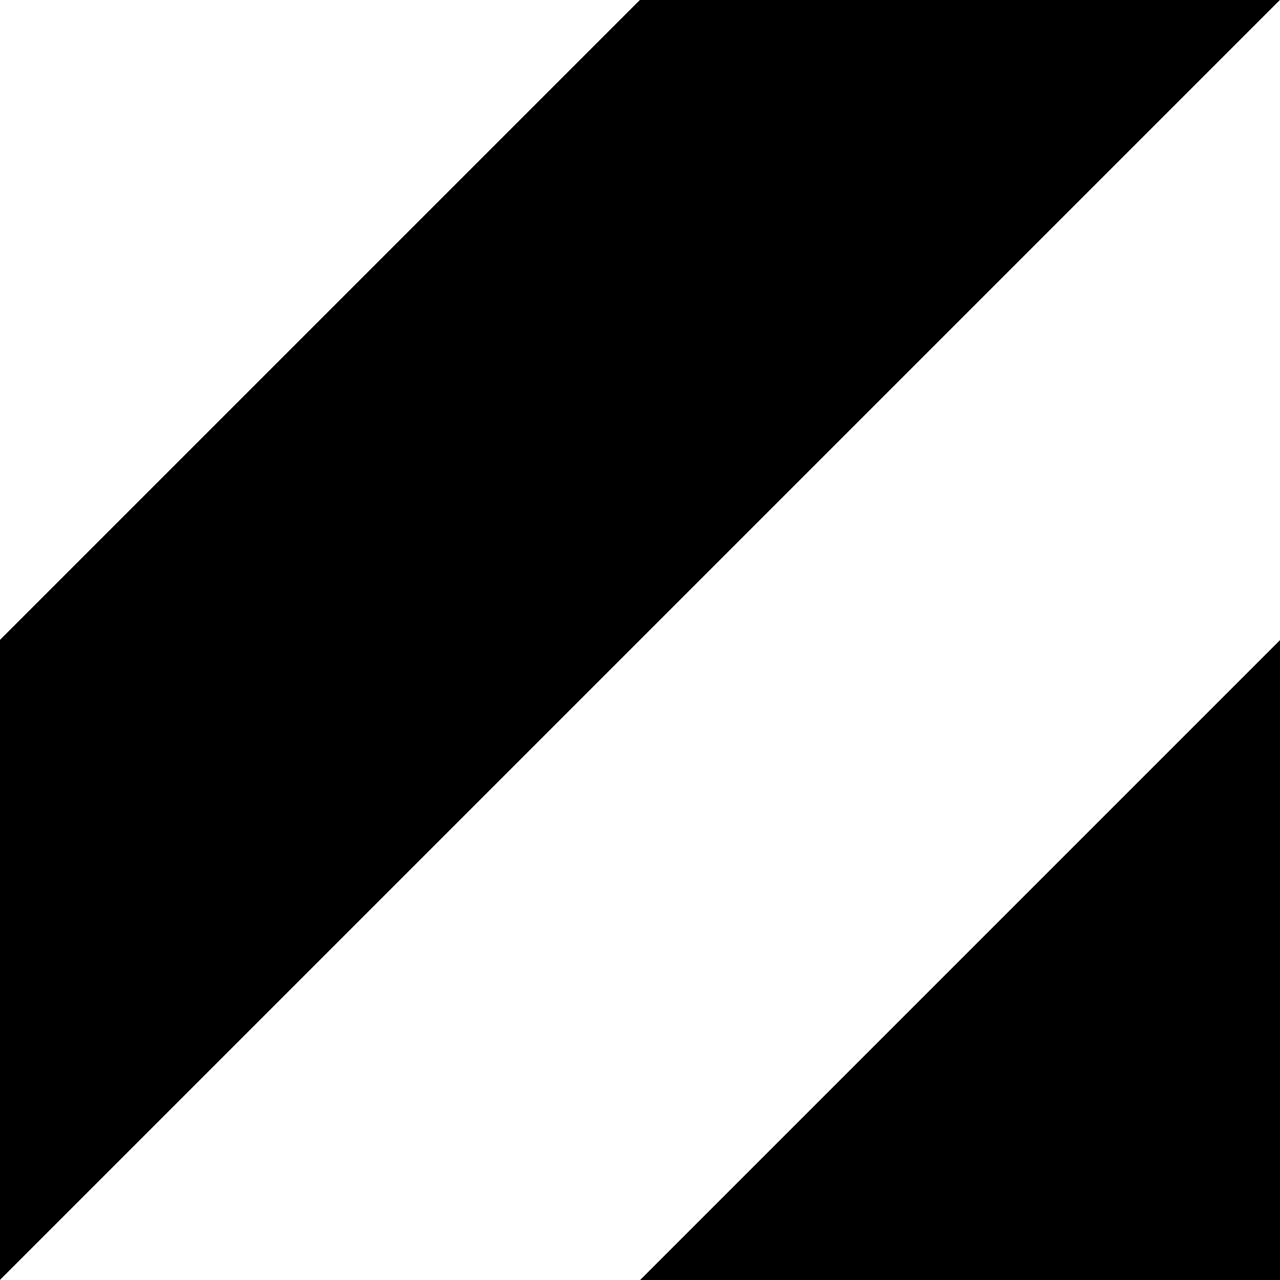 Палеха сказам, окантовка картинки черной полоской сыы